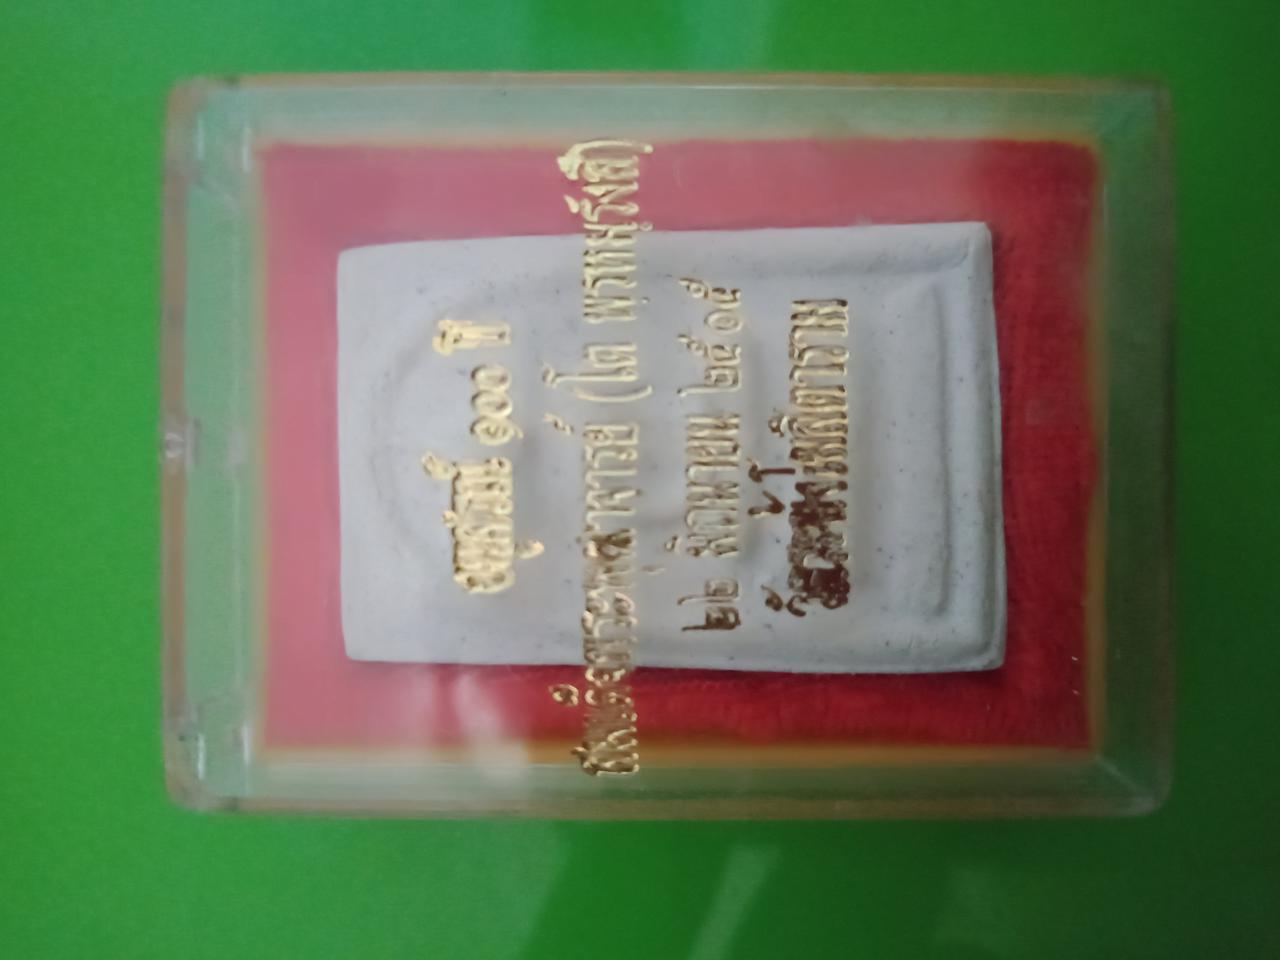 สมเด็จพระพุฒาจารย์(โต พรหมรังสี) รูปที่ 1